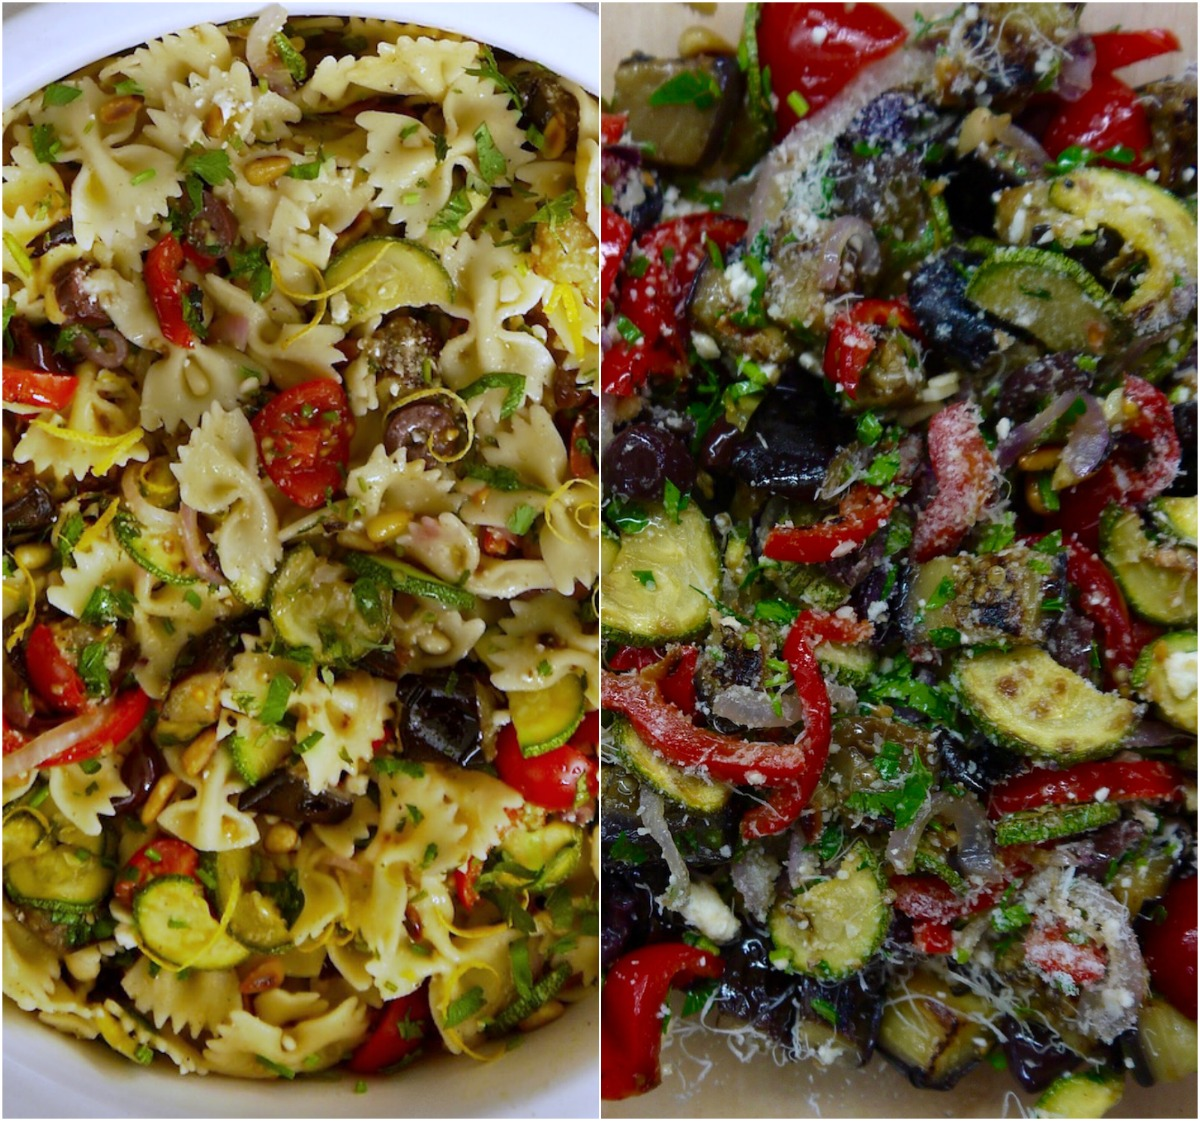 σαλάτα ζυμαρικών με πεταλούδες/ φαρφάλες & ψητά λαχανικά